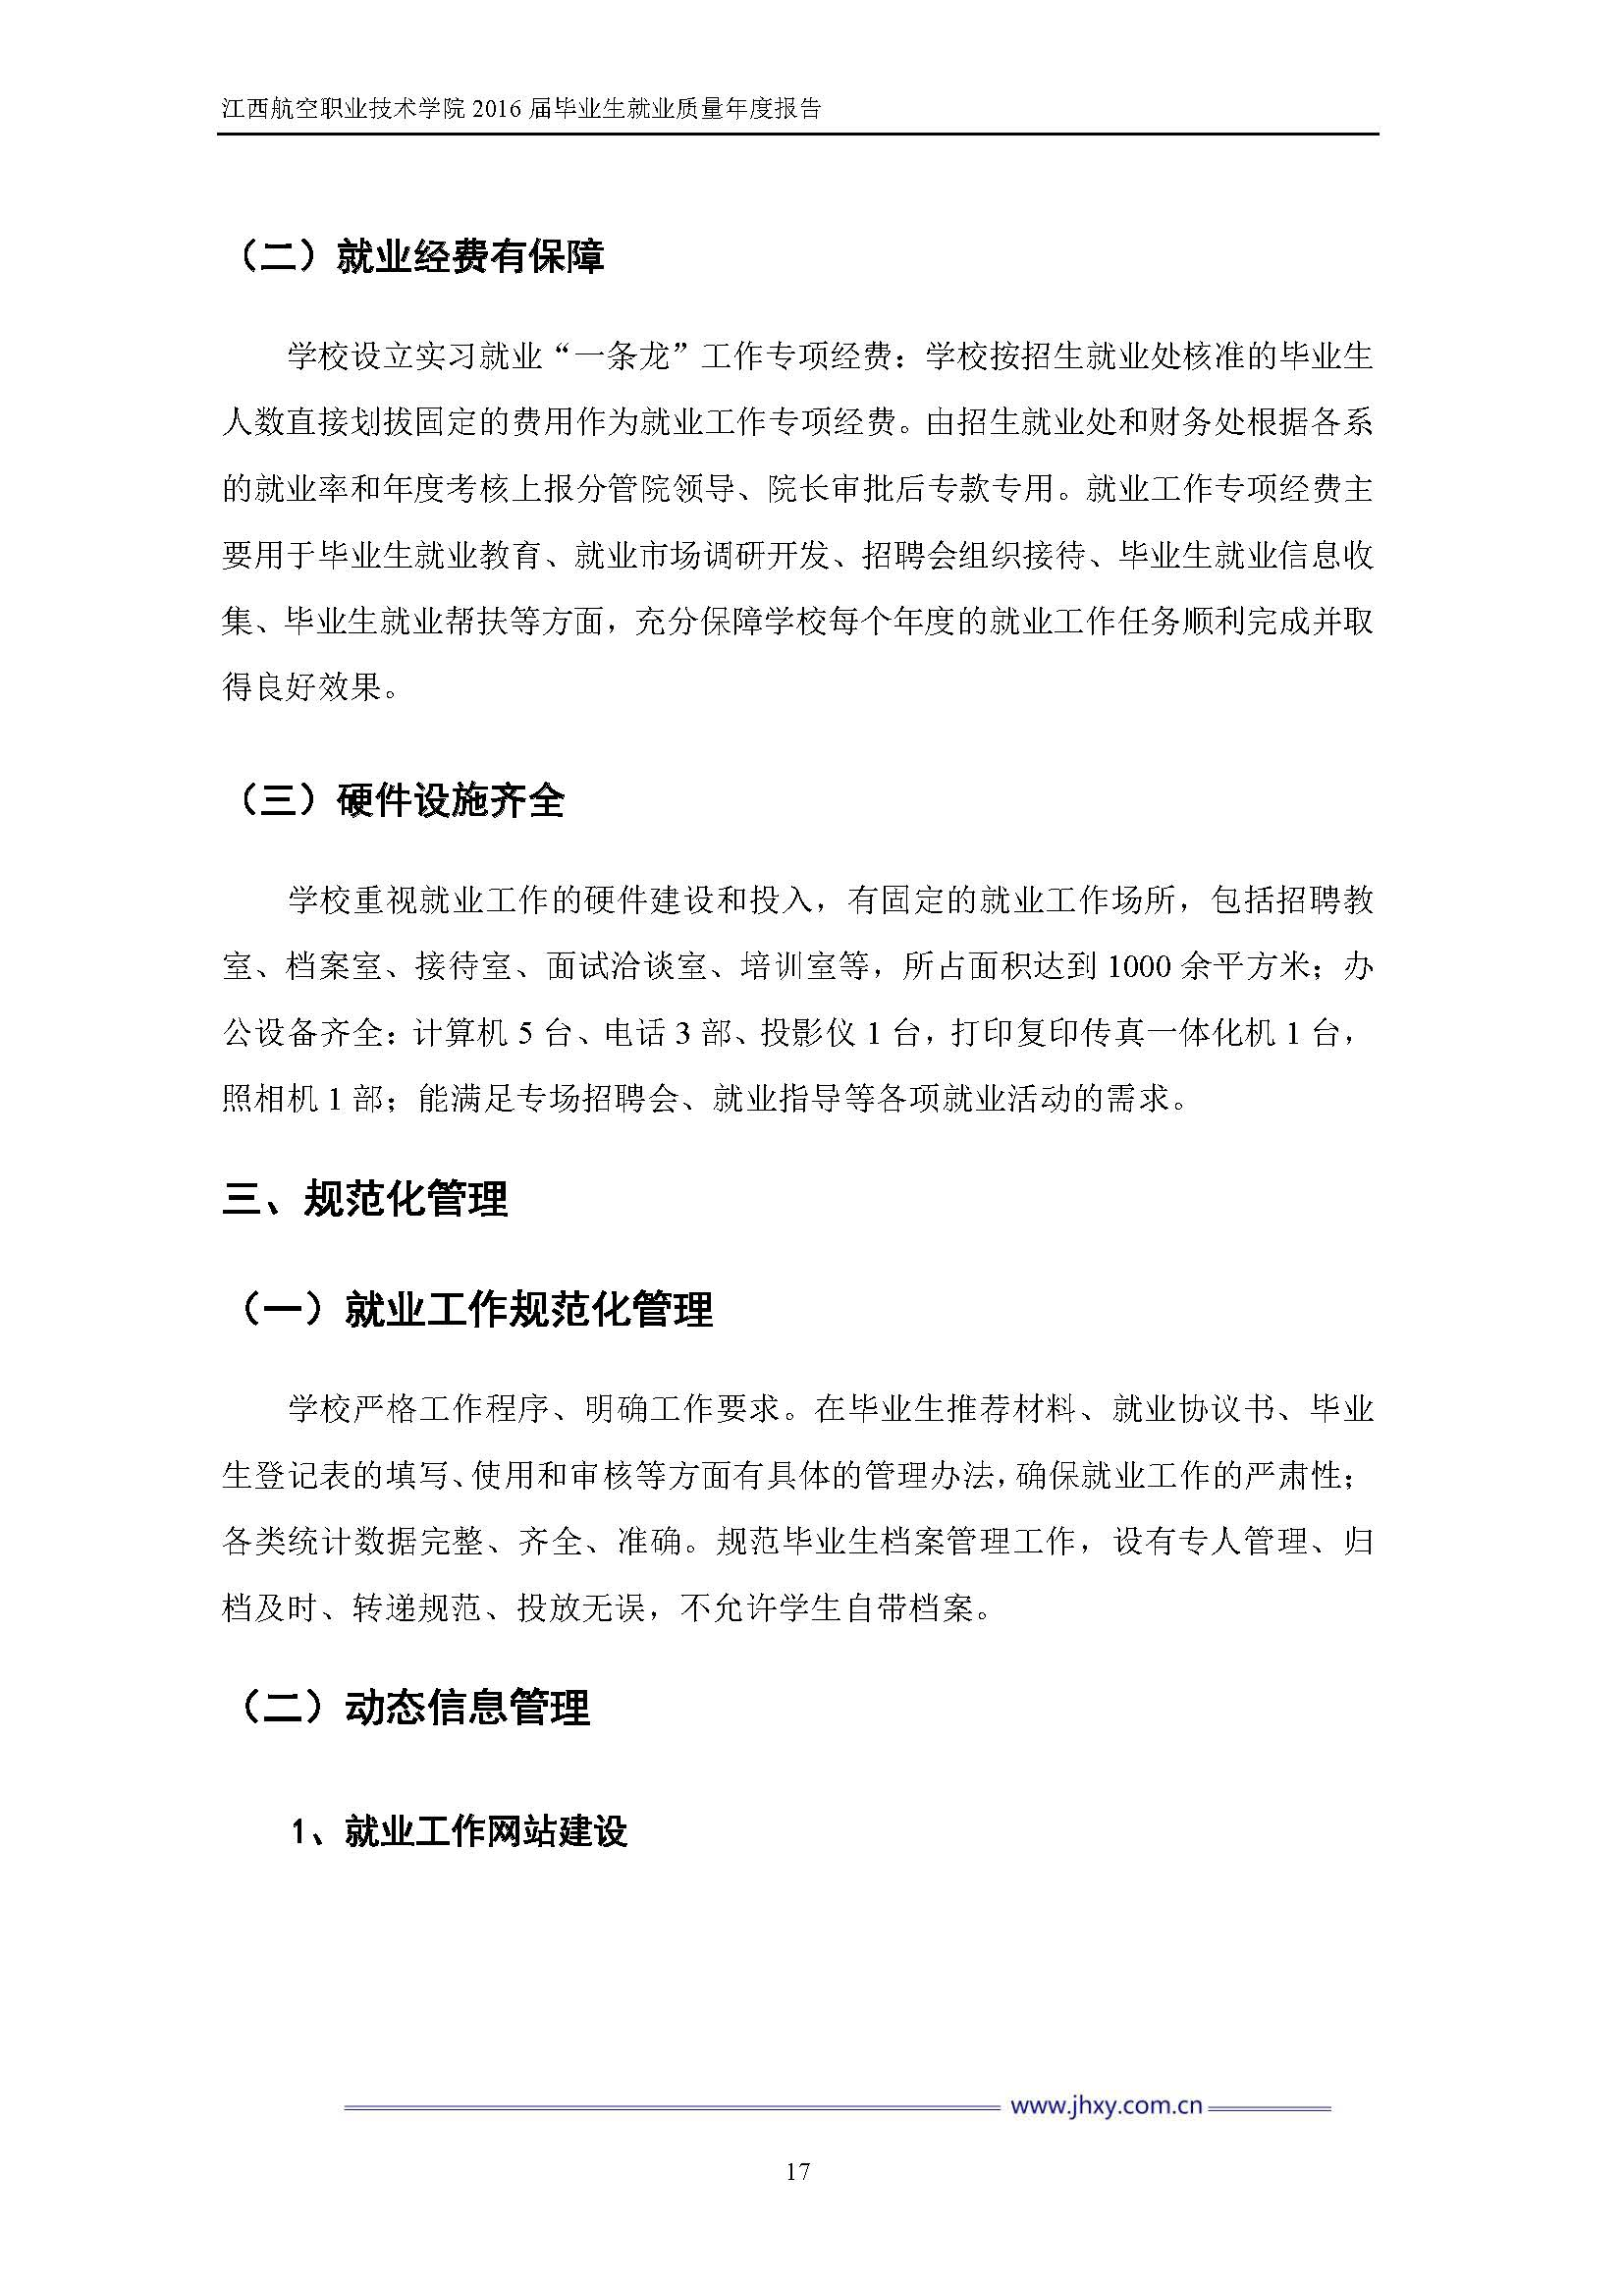 江西航空职业技术学院2016届毕业生就业质量年度报告_Page_24.jpg